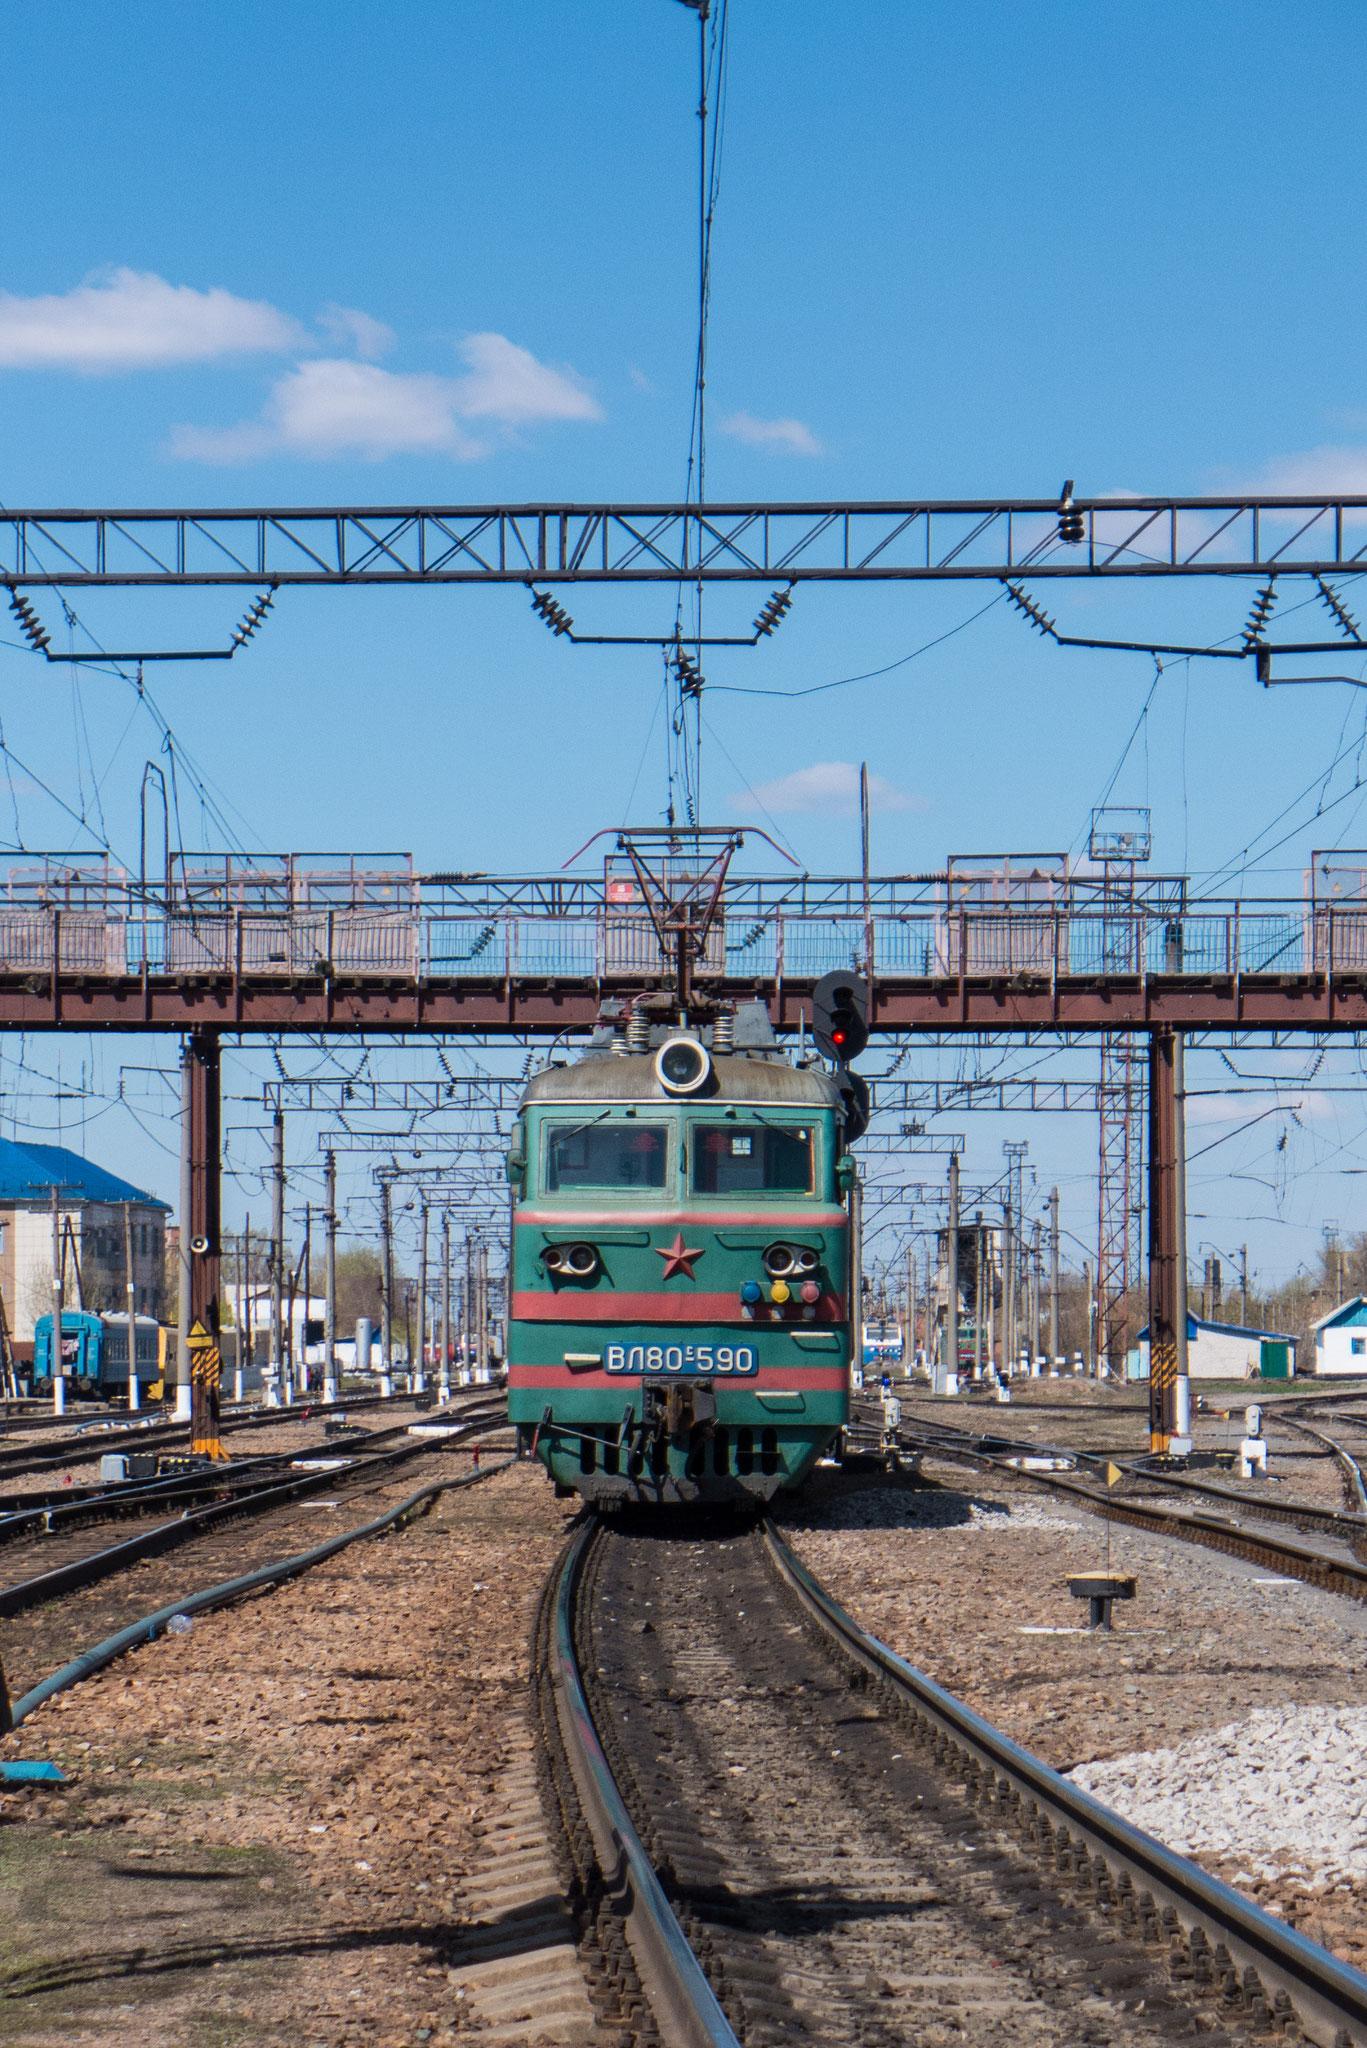 Bahnhof Astana, von außen wirken die Züge etwas veraltet, aber es fehlt an keinem Komfort.